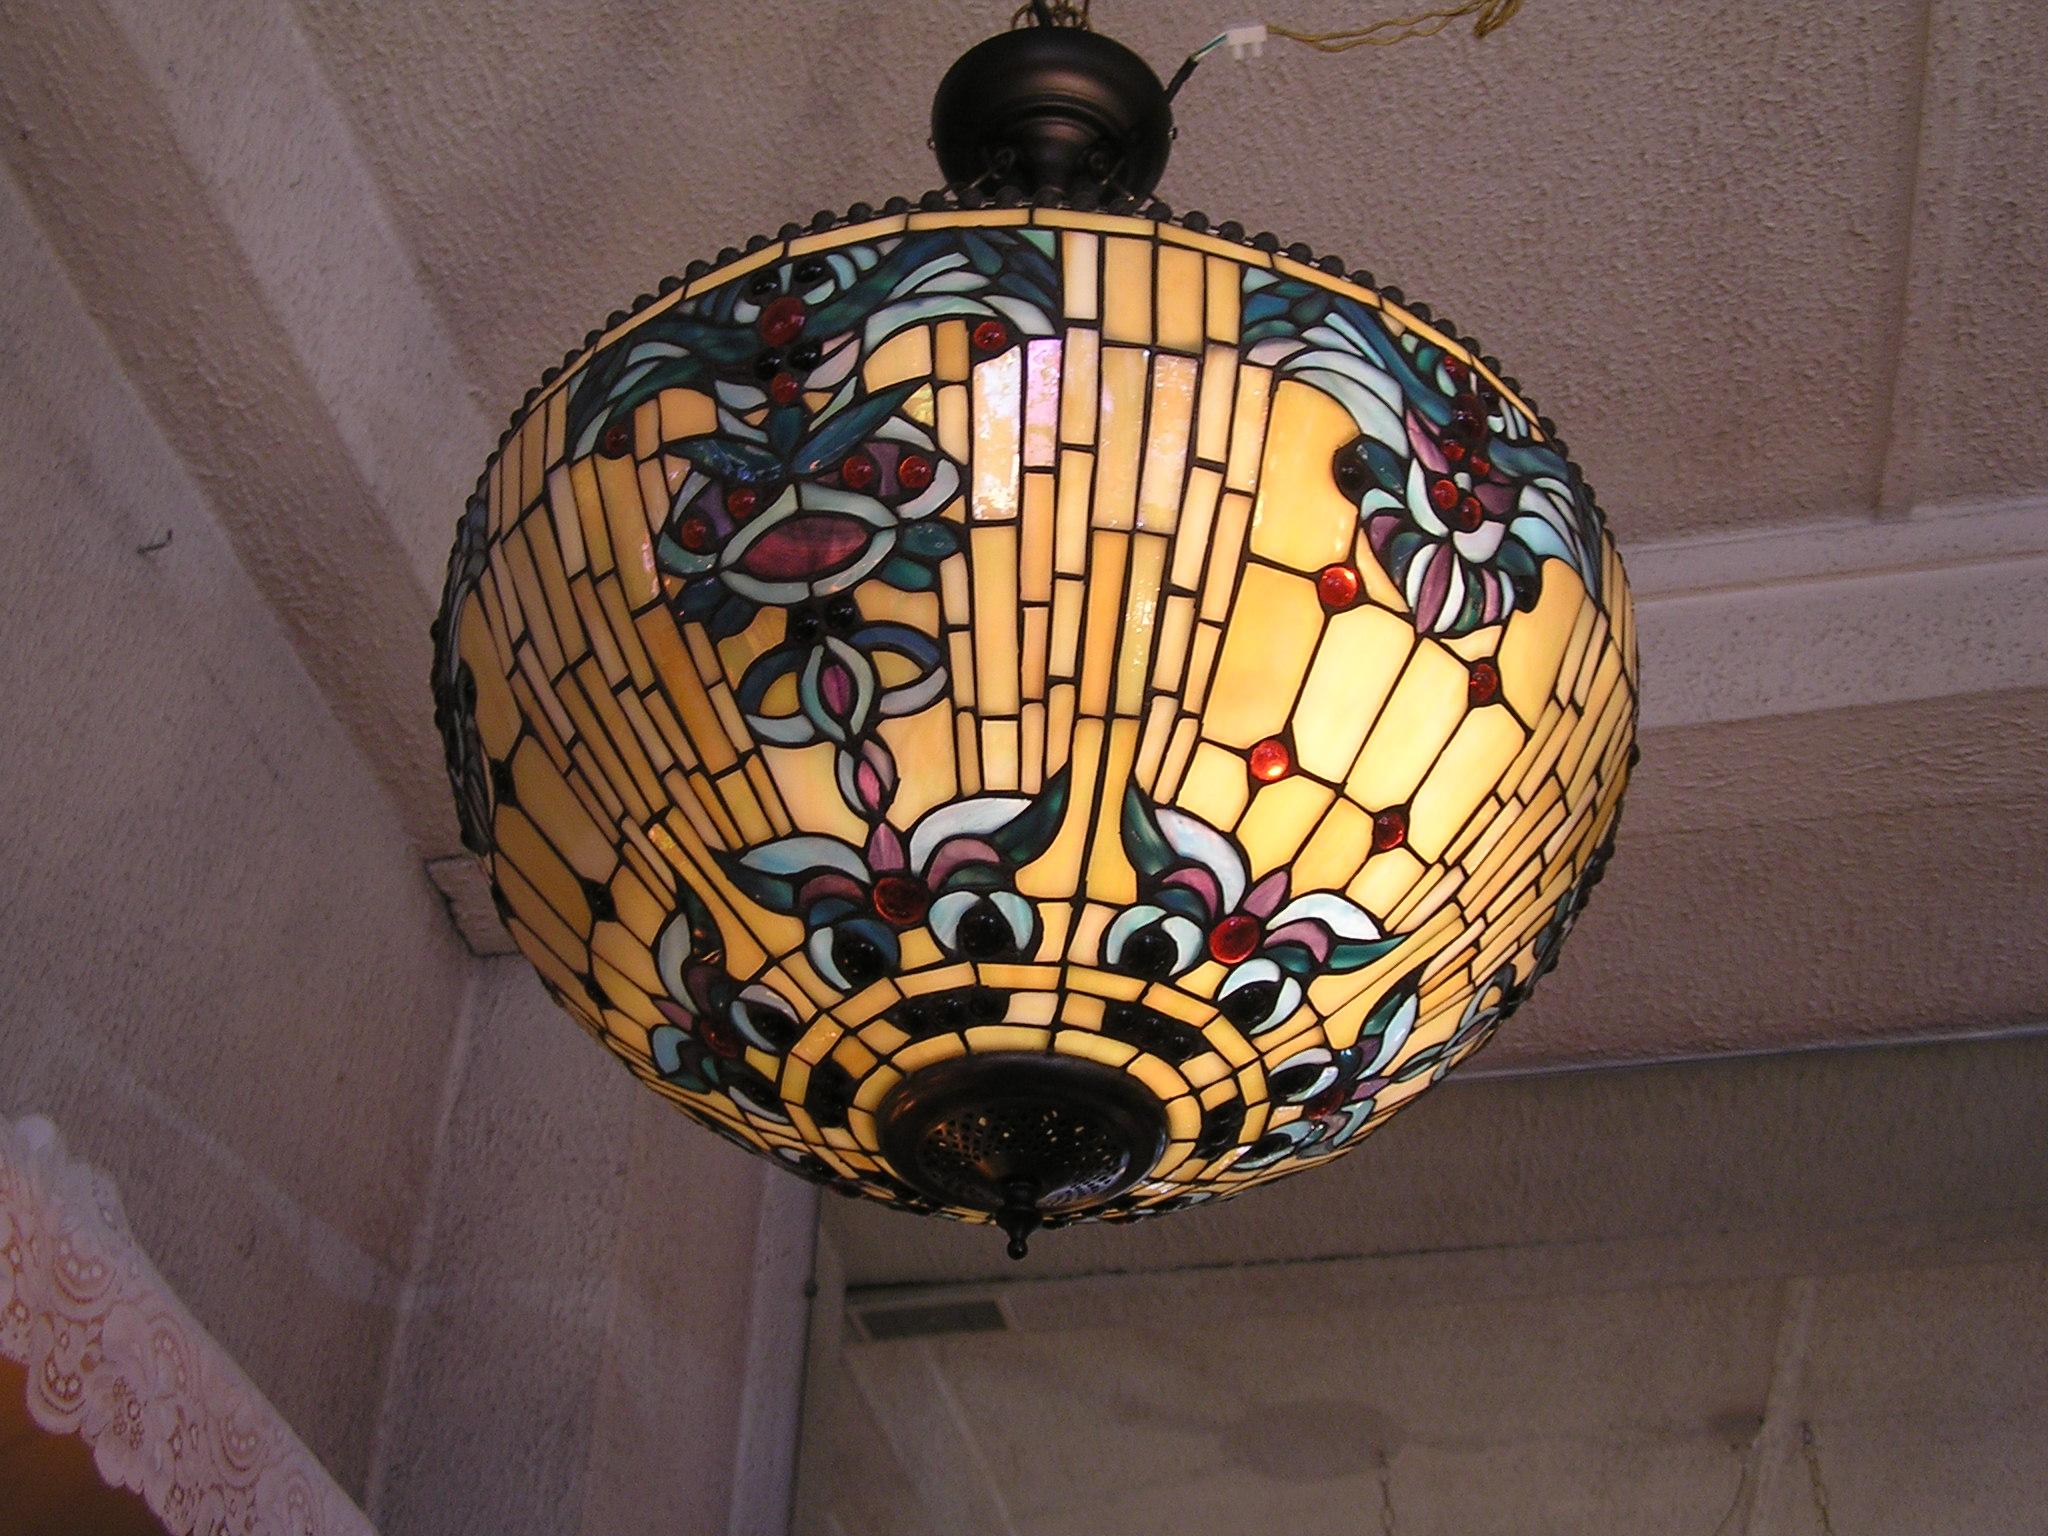 dobdeck paris luminaires art nouveau deco gall tiffany bijoux objets de d coration. Black Bedroom Furniture Sets. Home Design Ideas